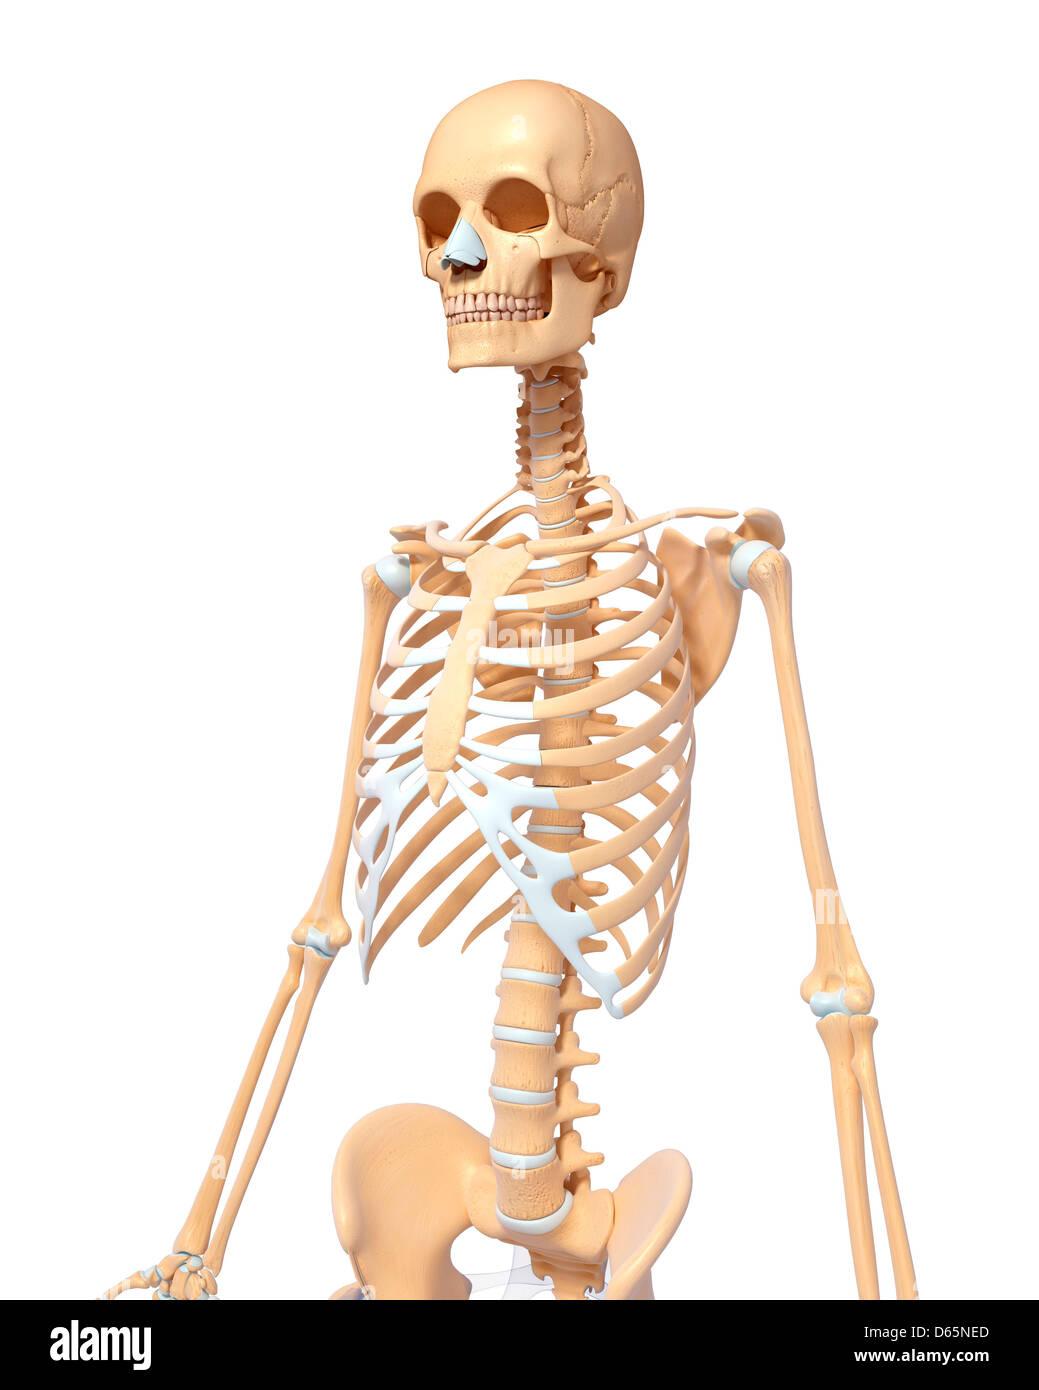 Menschliches Skelett, Kunstwerk Stockfoto, Bild: 55445669 - Alamy